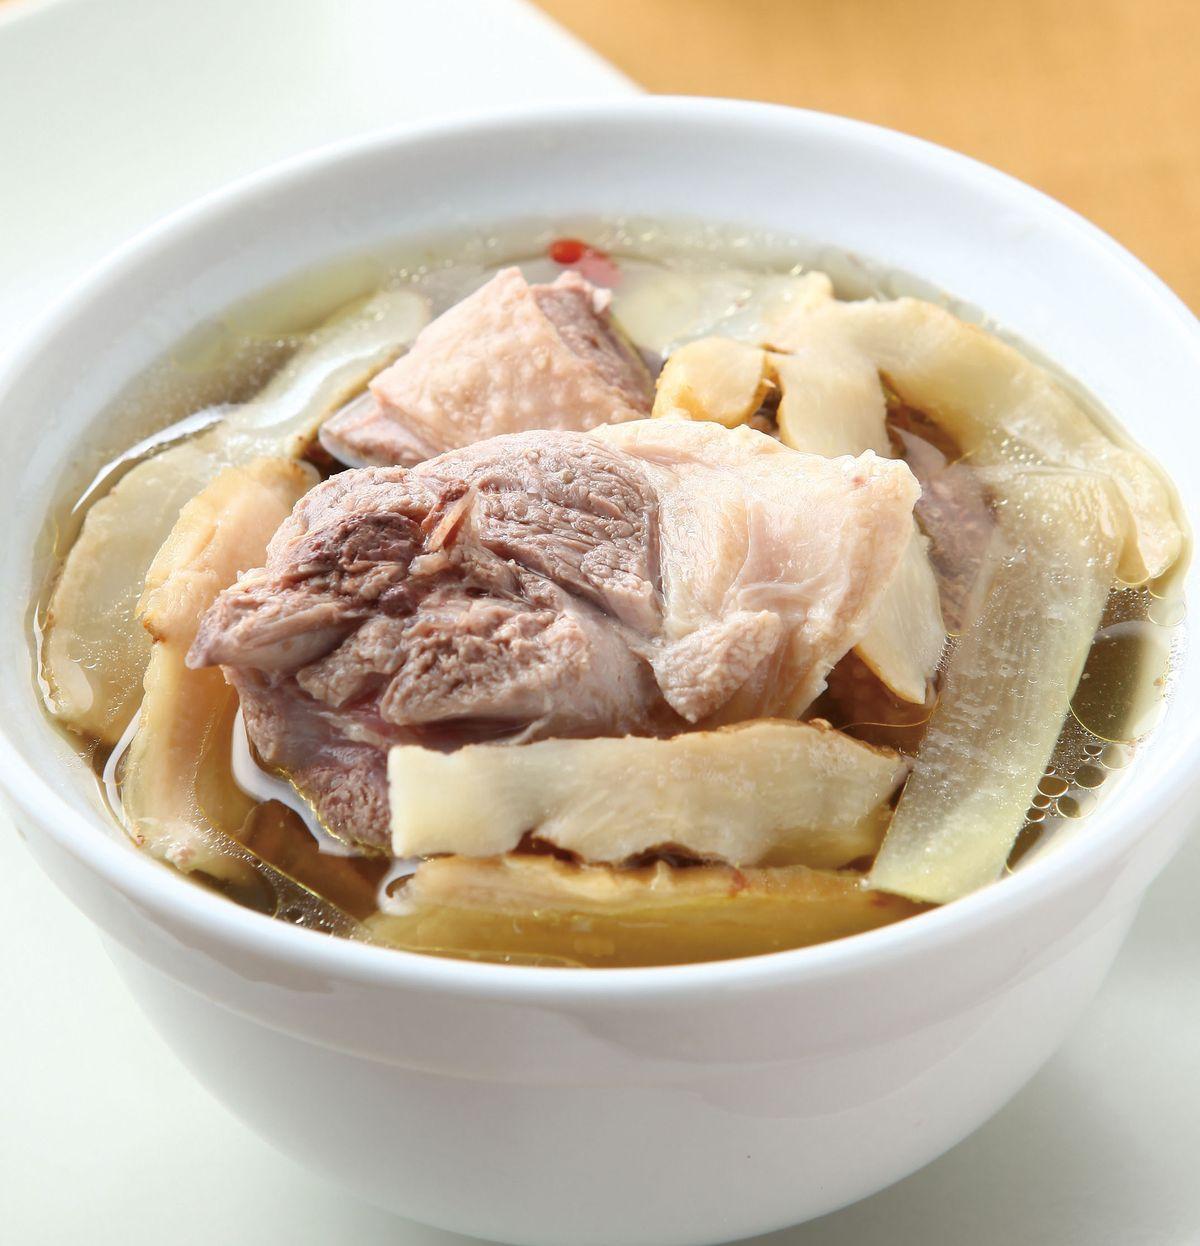 食譜:洋蔘玉竹煲鴨湯